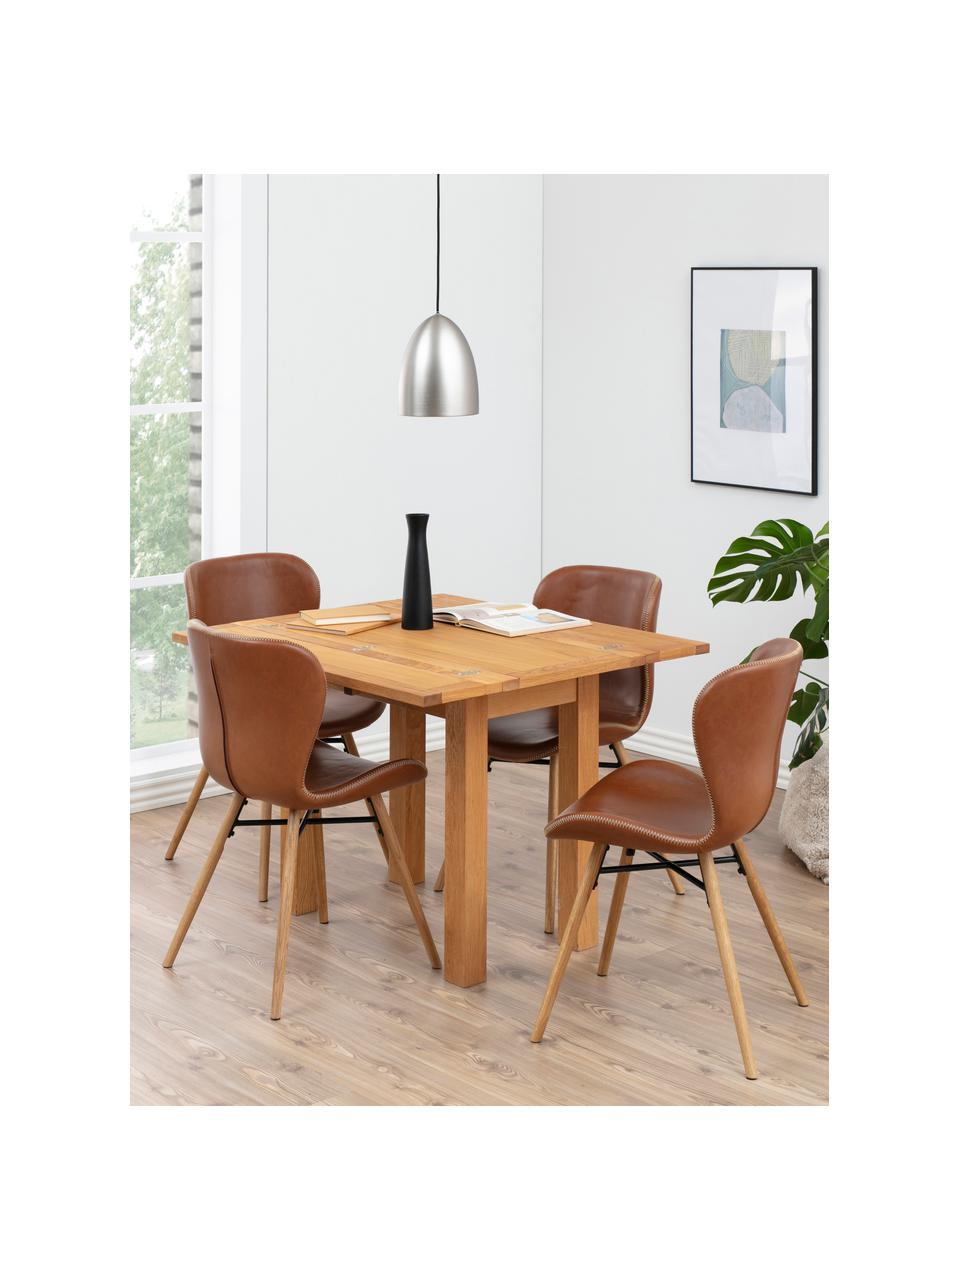 Krzesło tapicerowane ze sztucznej skóry Batilda, 2 szt., Tapicerka: sztuczna skóra (poliureta, Nogi: drewno dębowe, olejowane, Koniakowy, S 47 x G 53 cm